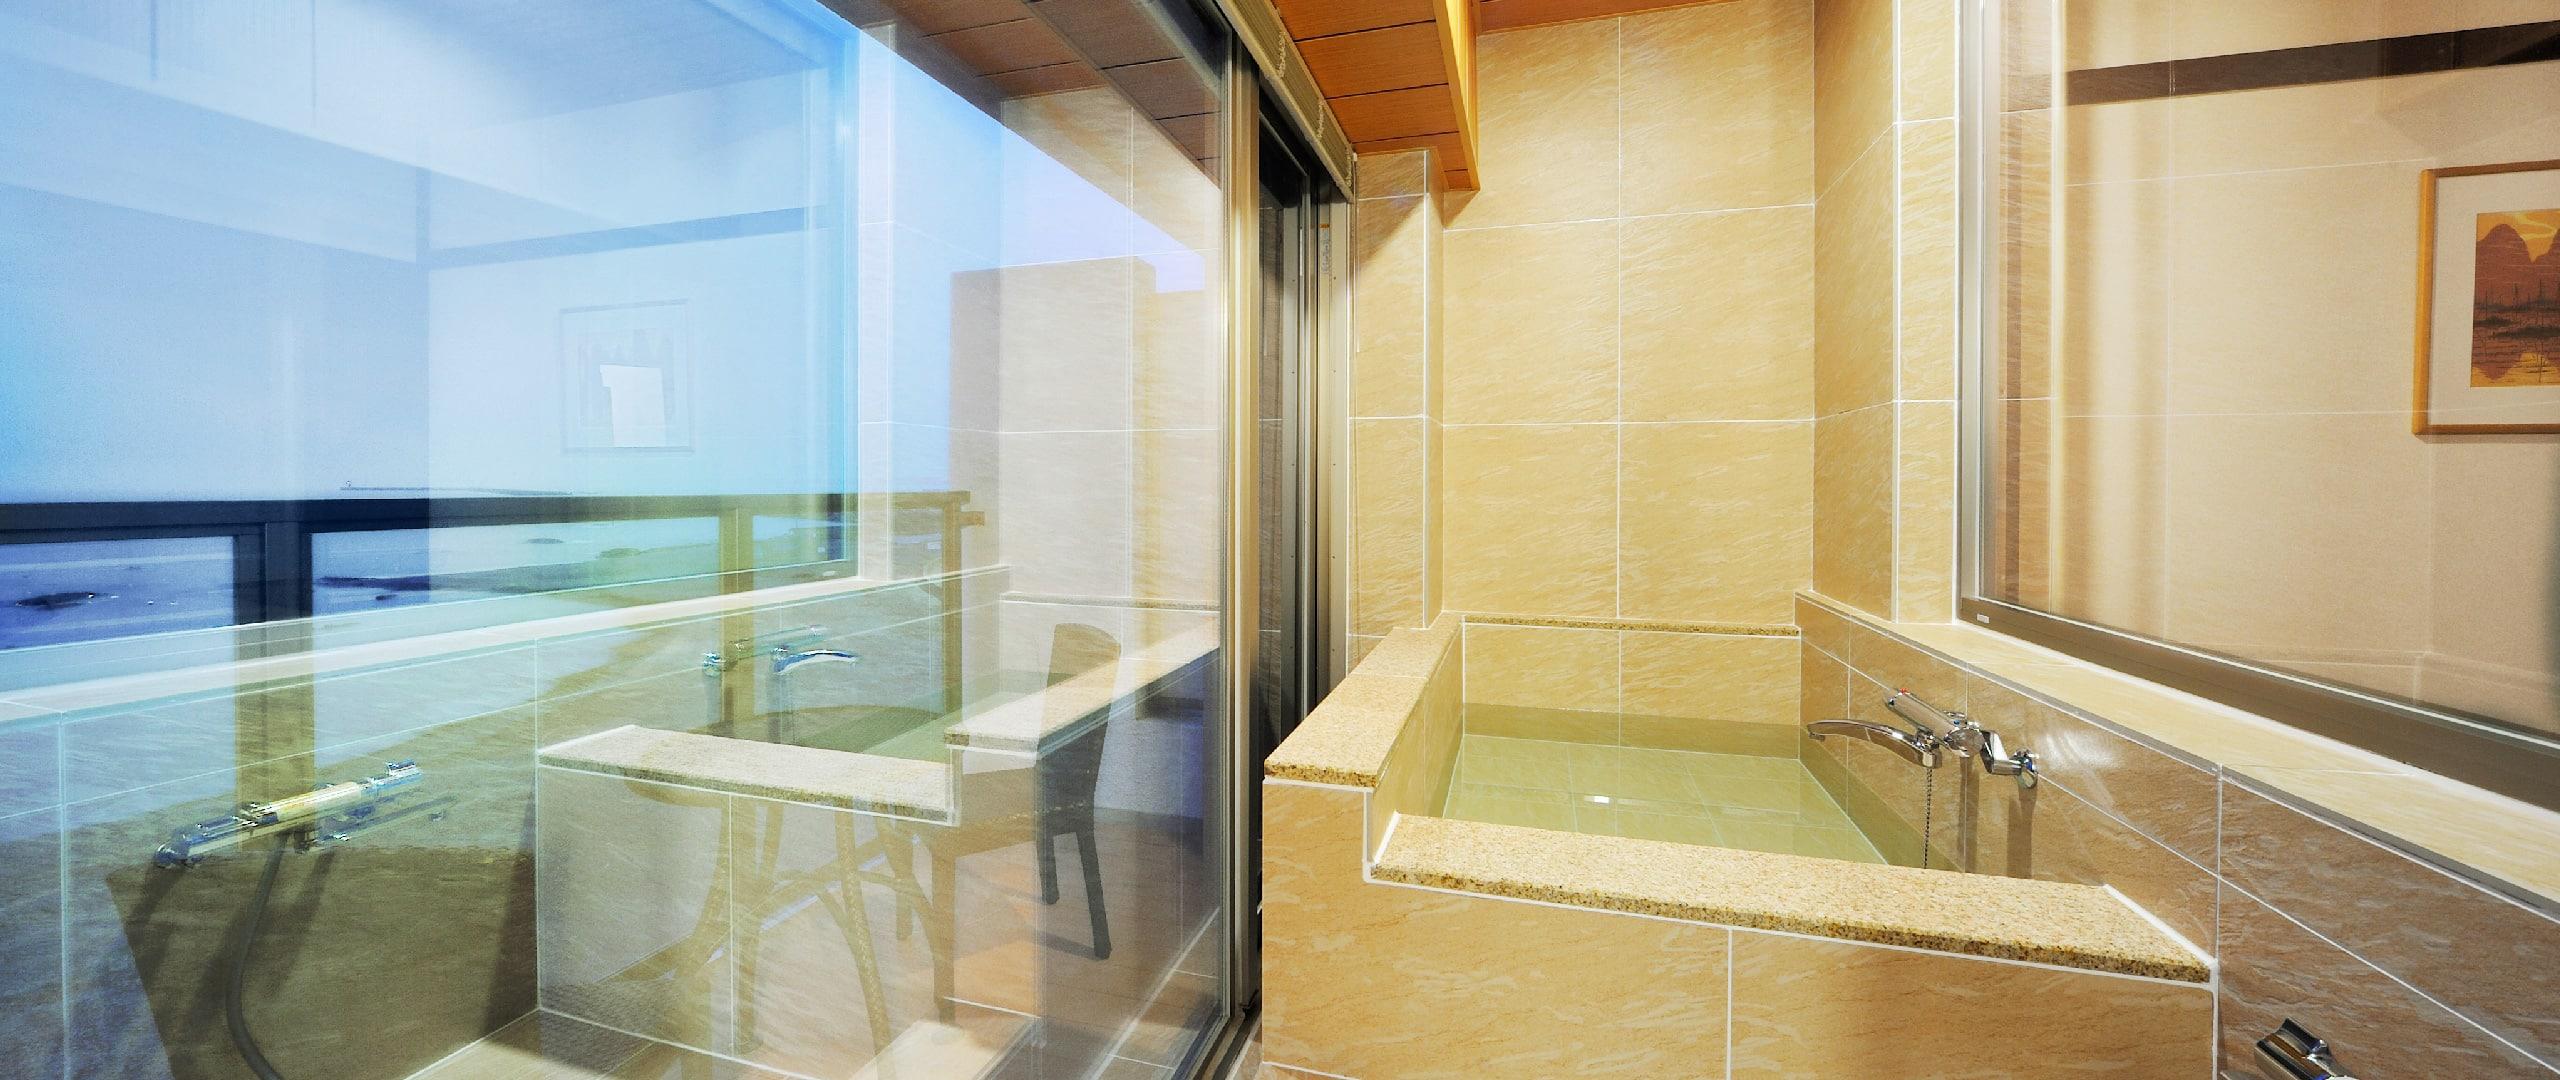 ゆったりと寛げる白の浴槽